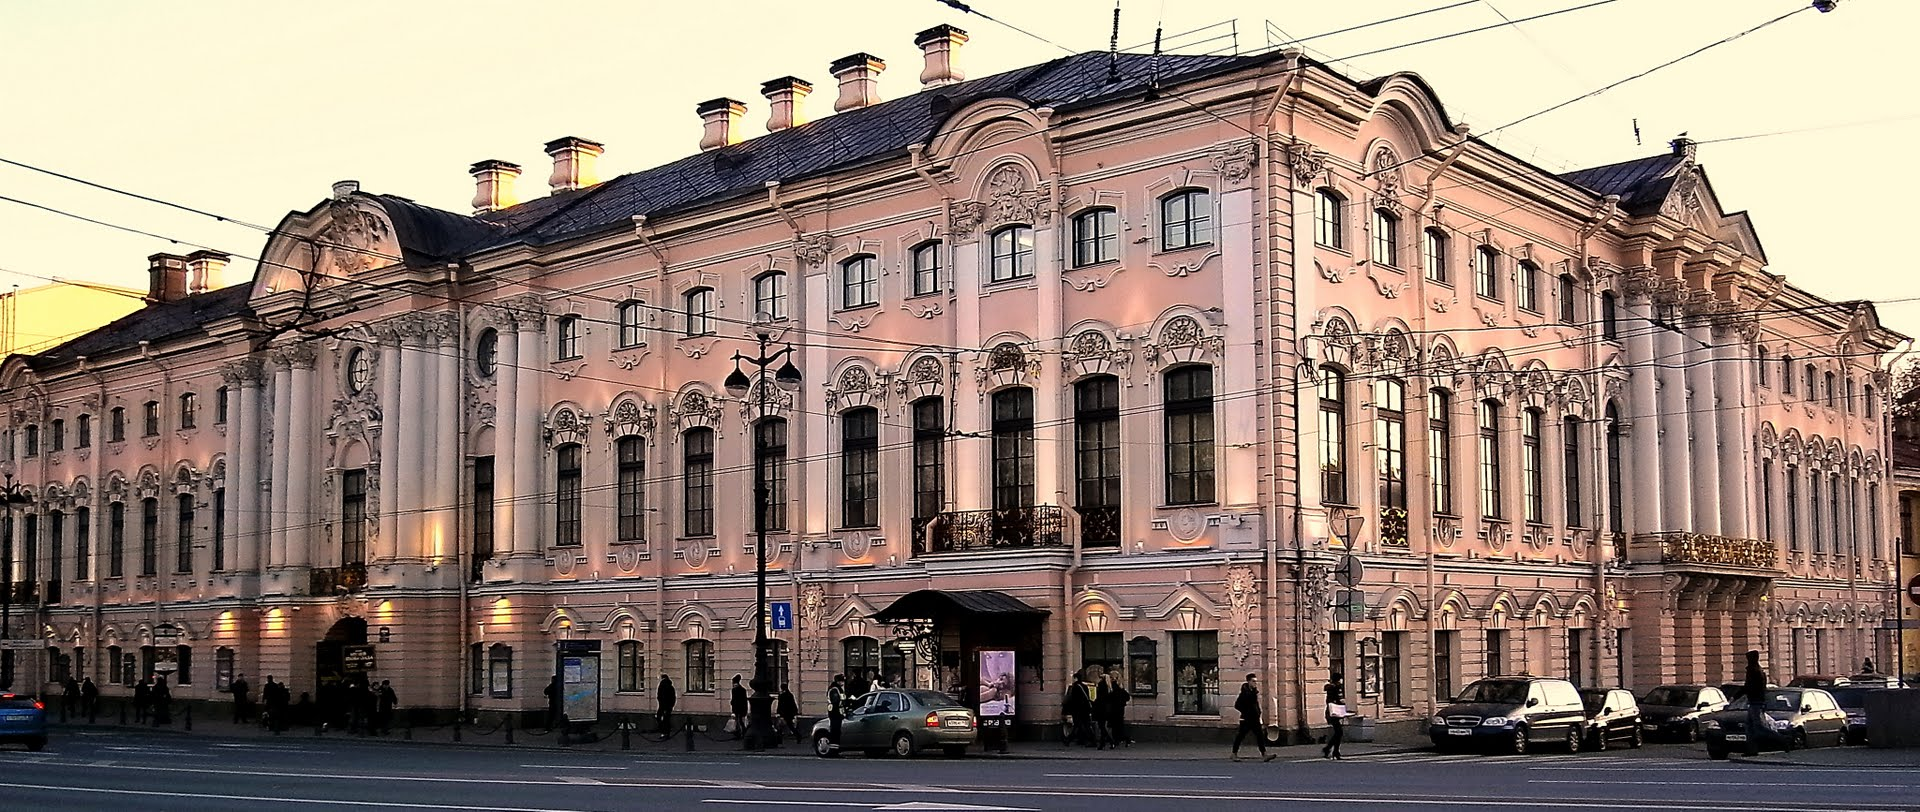 Exteriores del palacio Stróganov